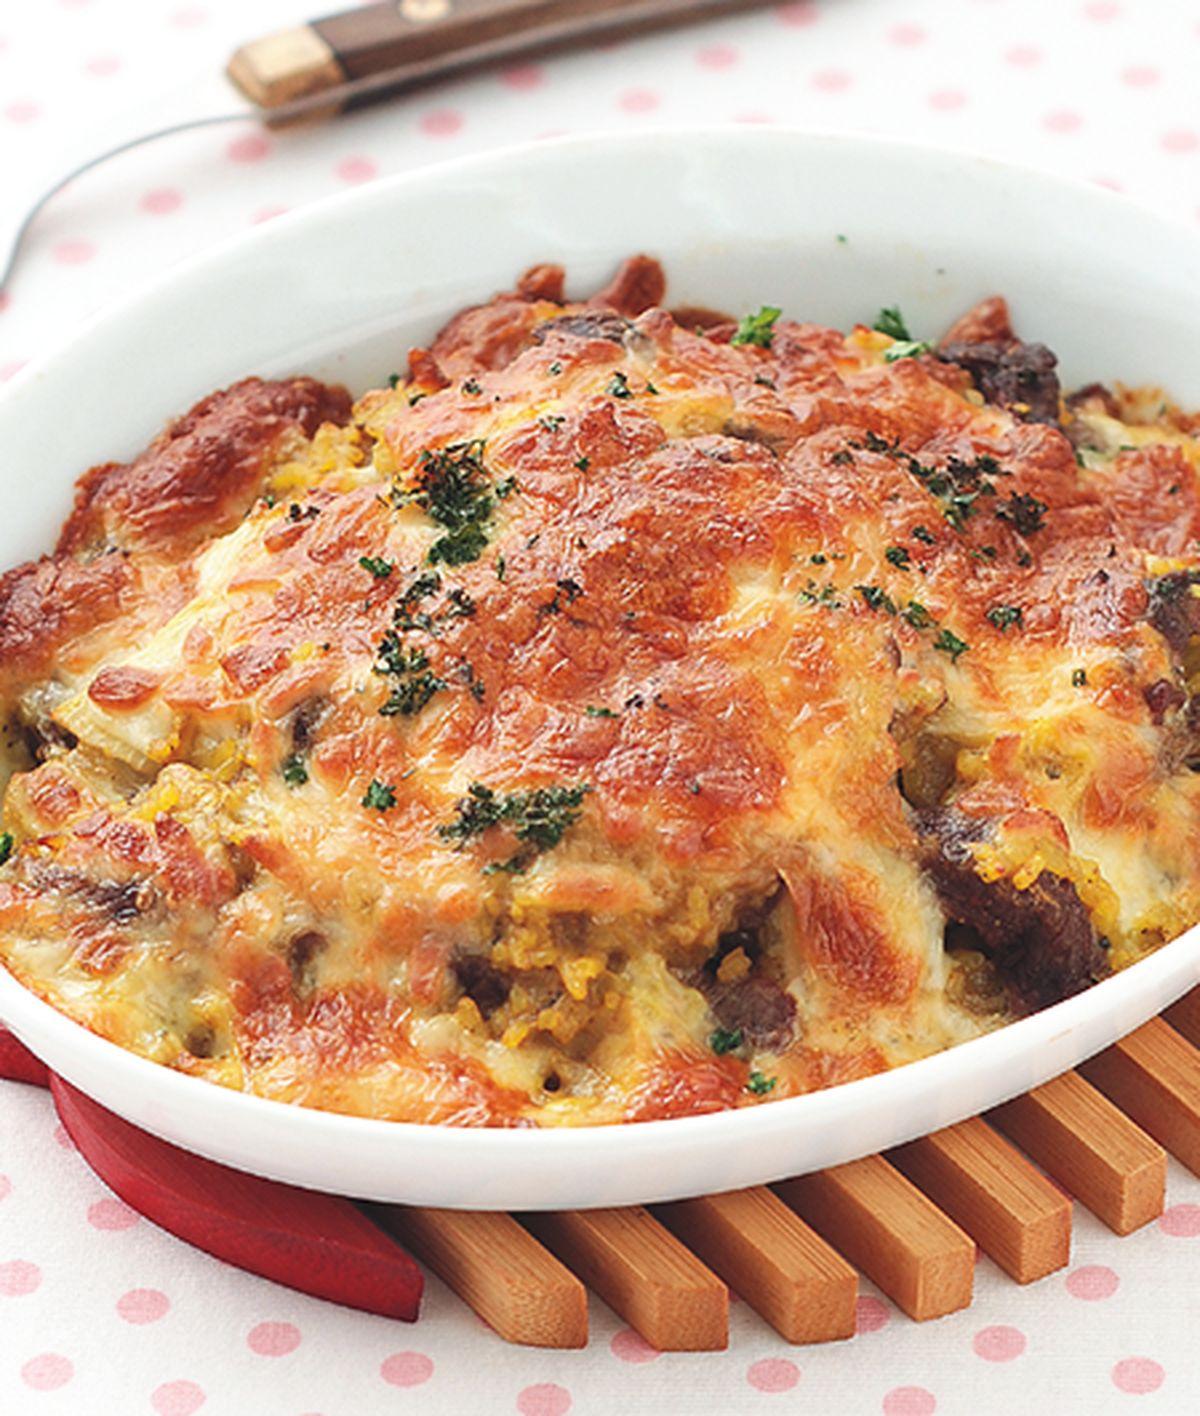 食譜:咖哩牛肉焗烤飯